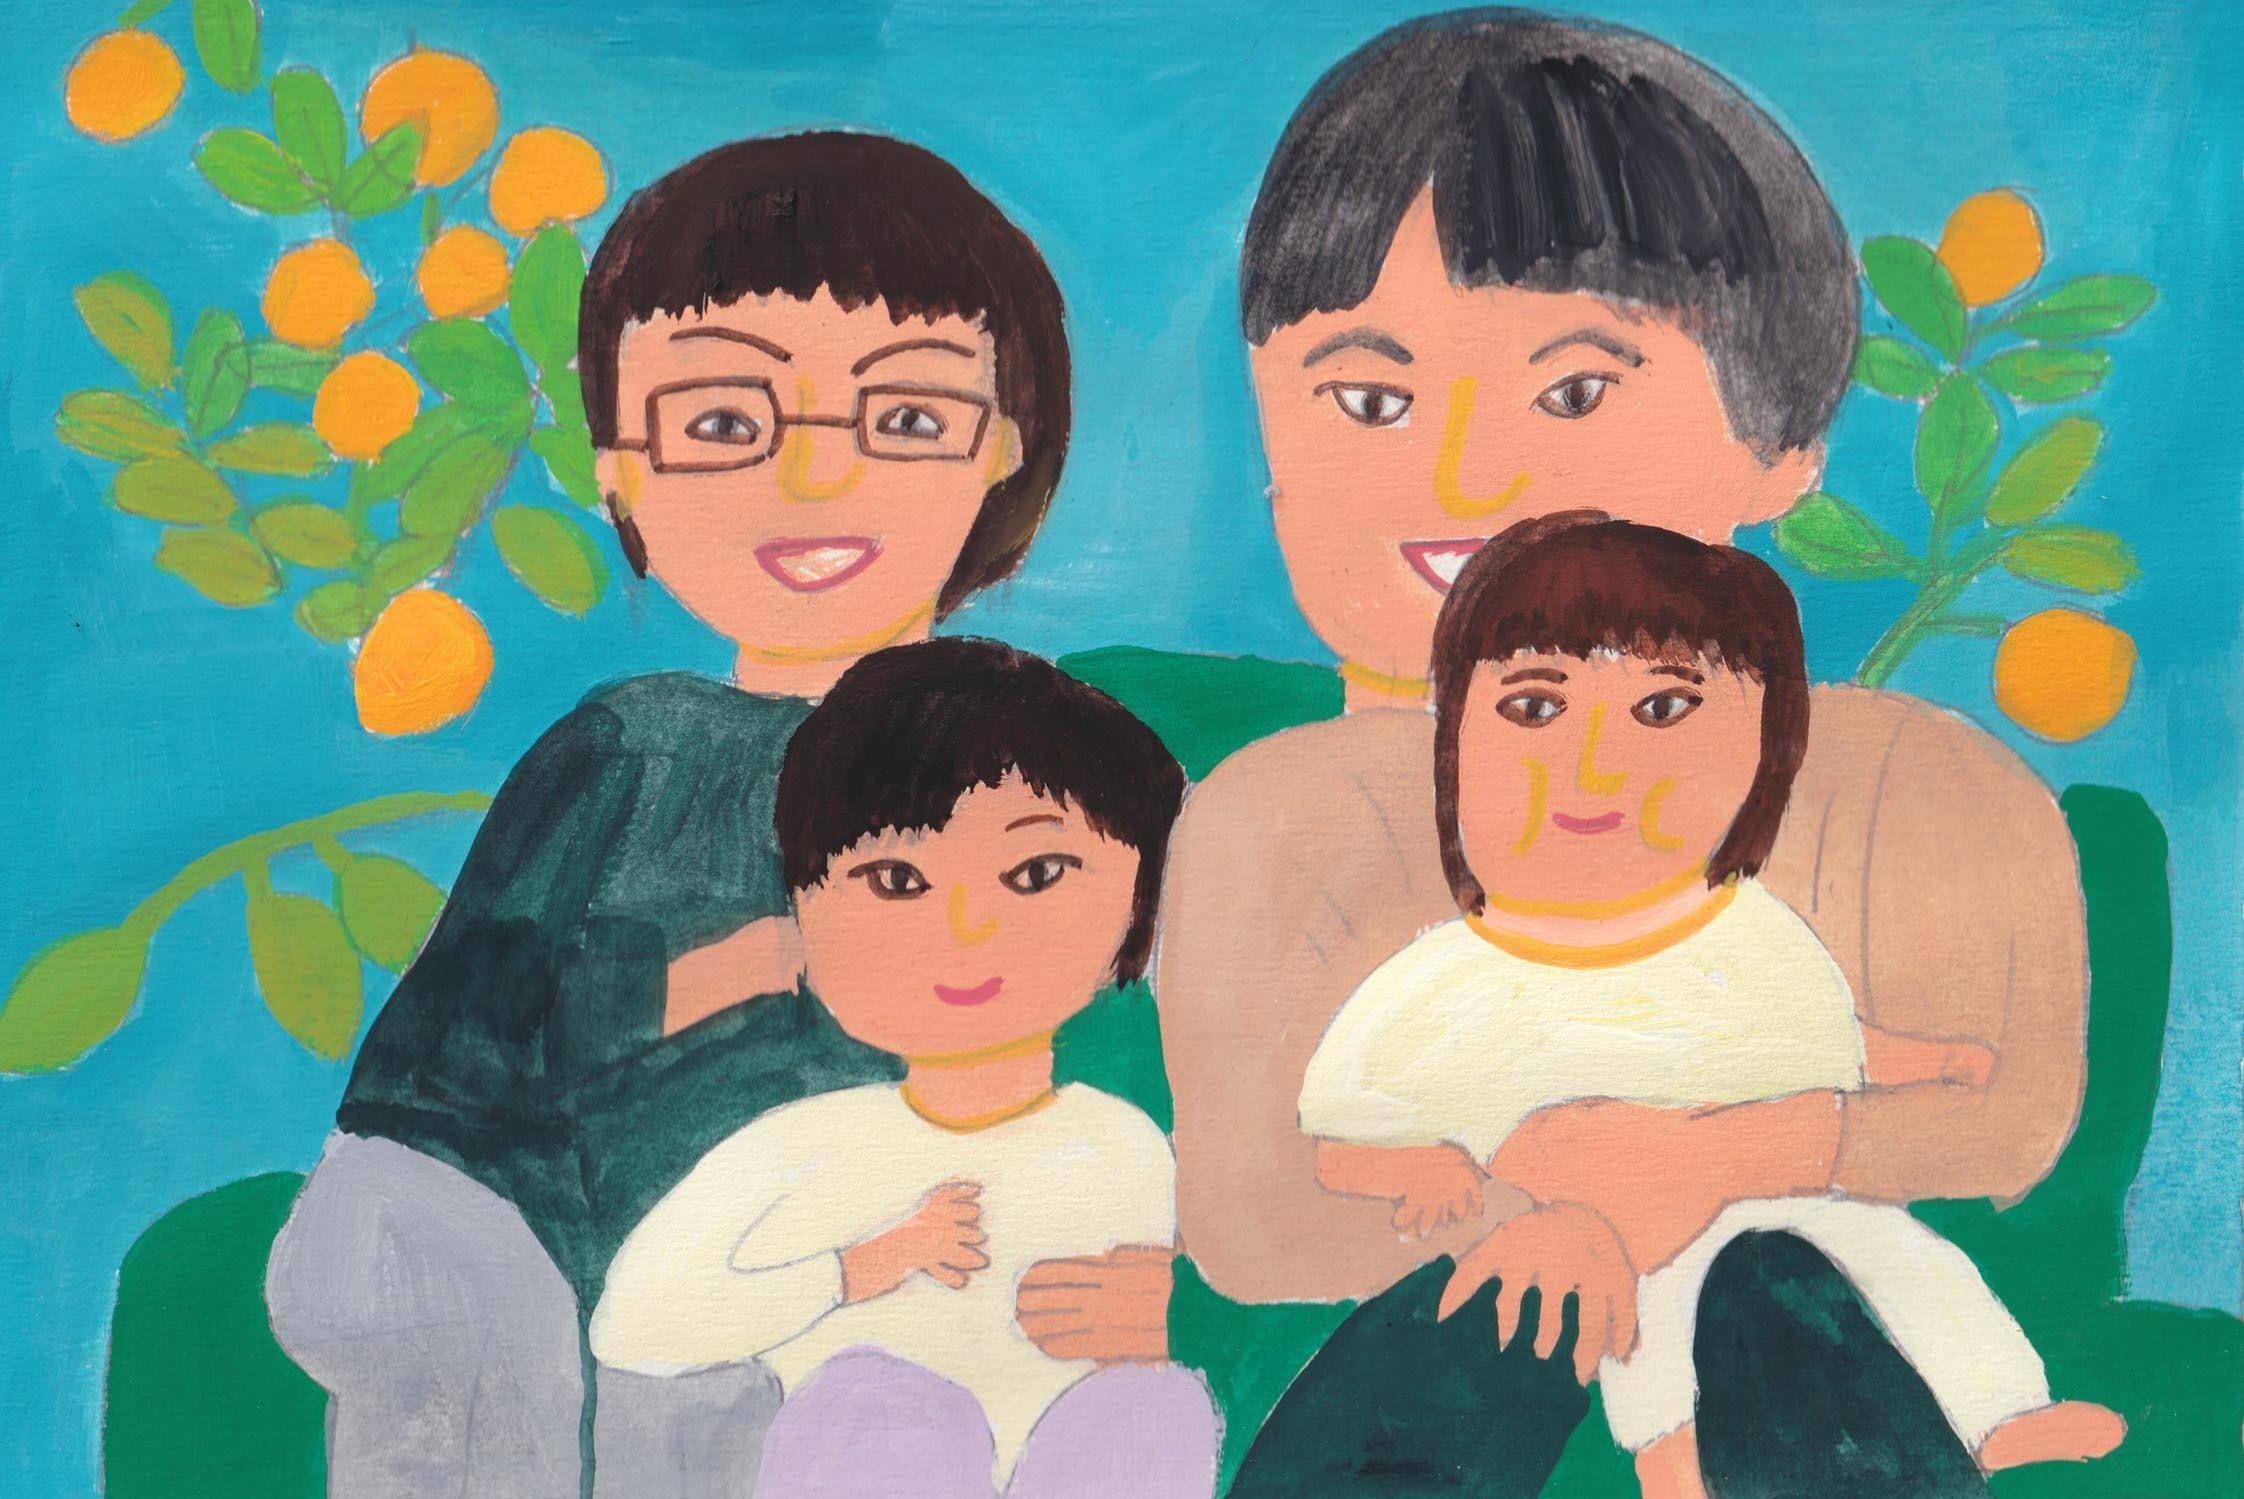 幼なじみの絵を今年も_d0259392_20001768.jpg